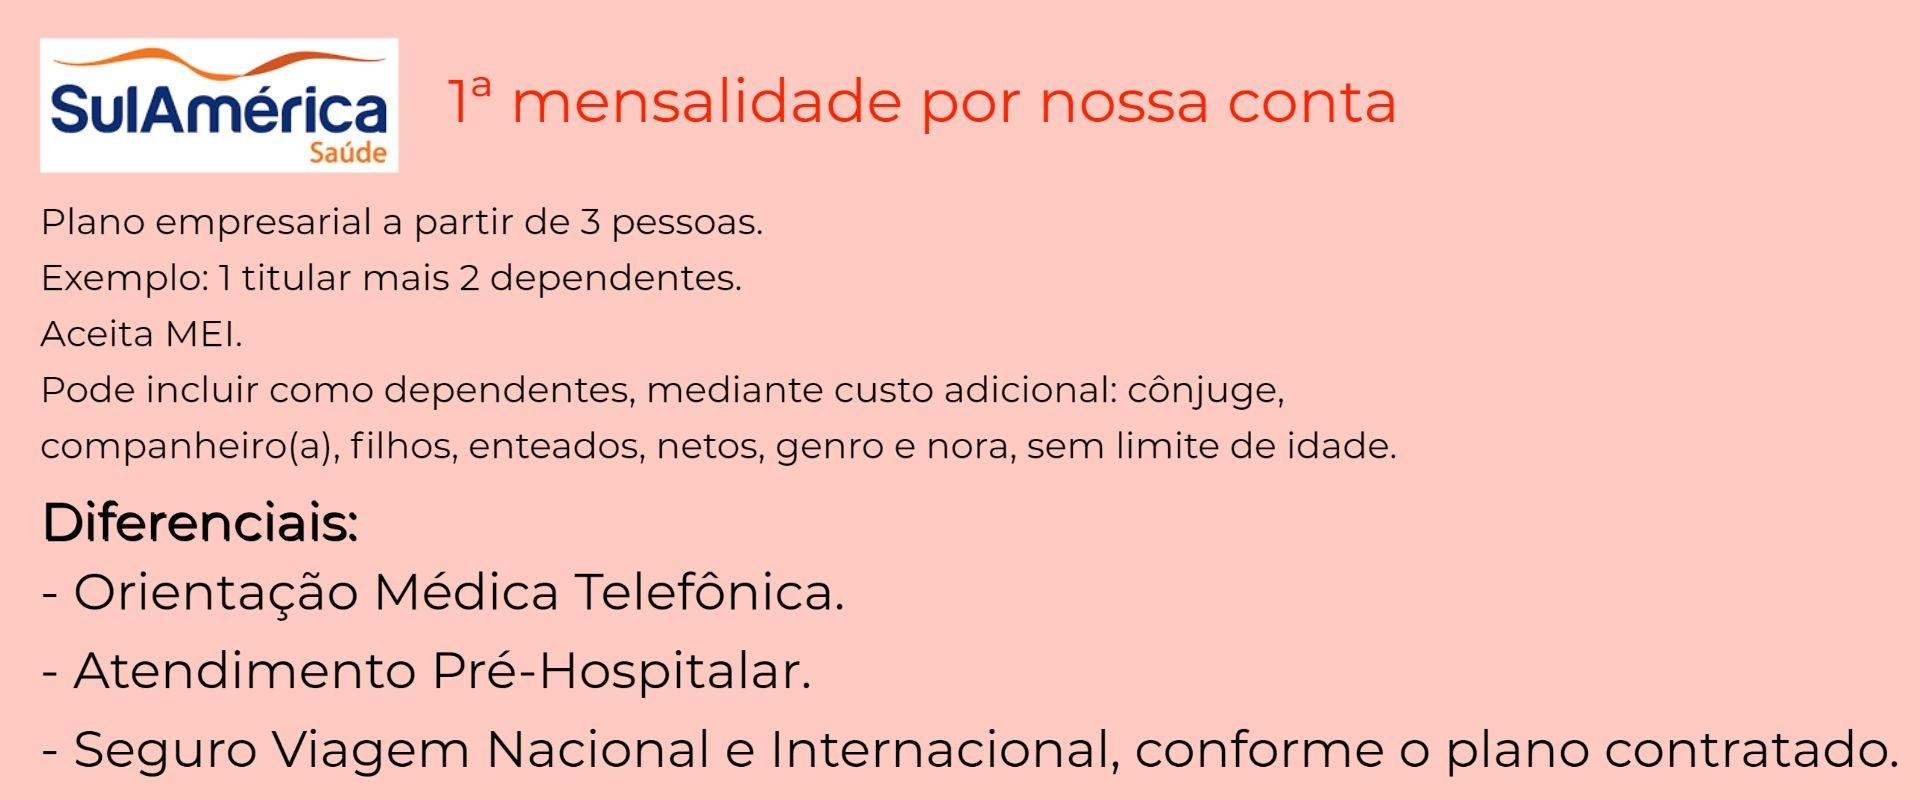 Sul América Saúde Empresarial - Petrópolis